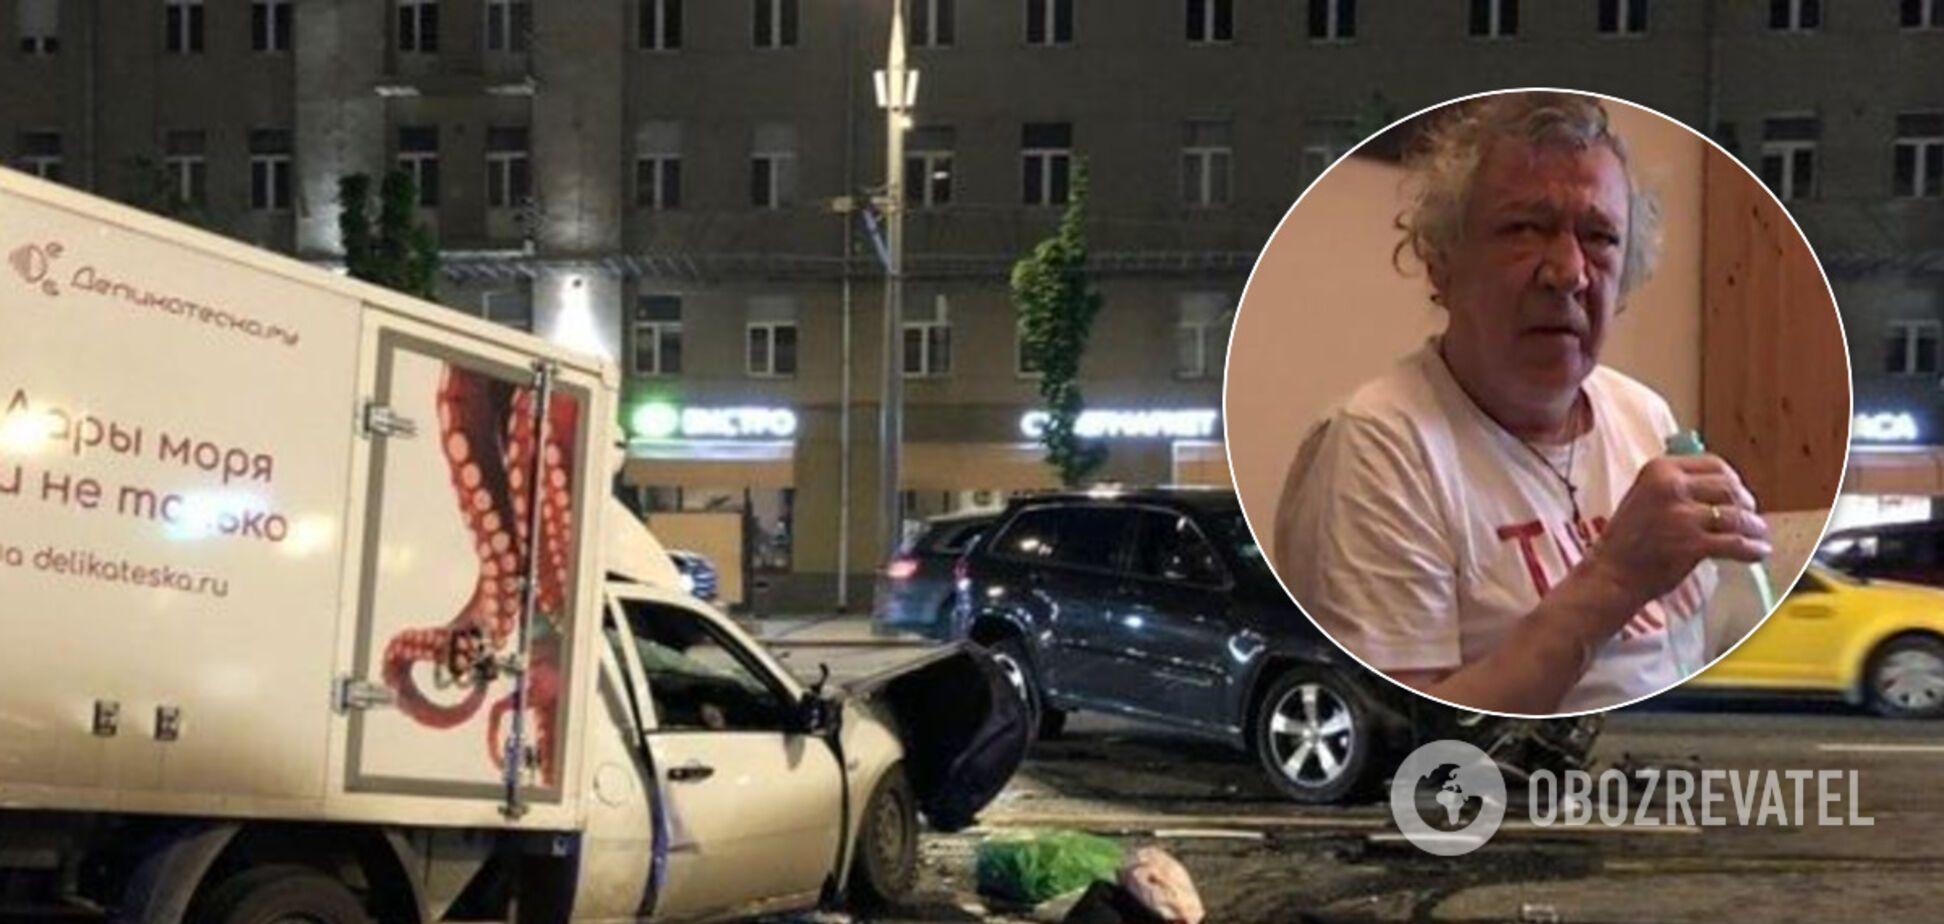 Михаил Ефремов 8 июня устроил смертельное ДТП (коллаж)